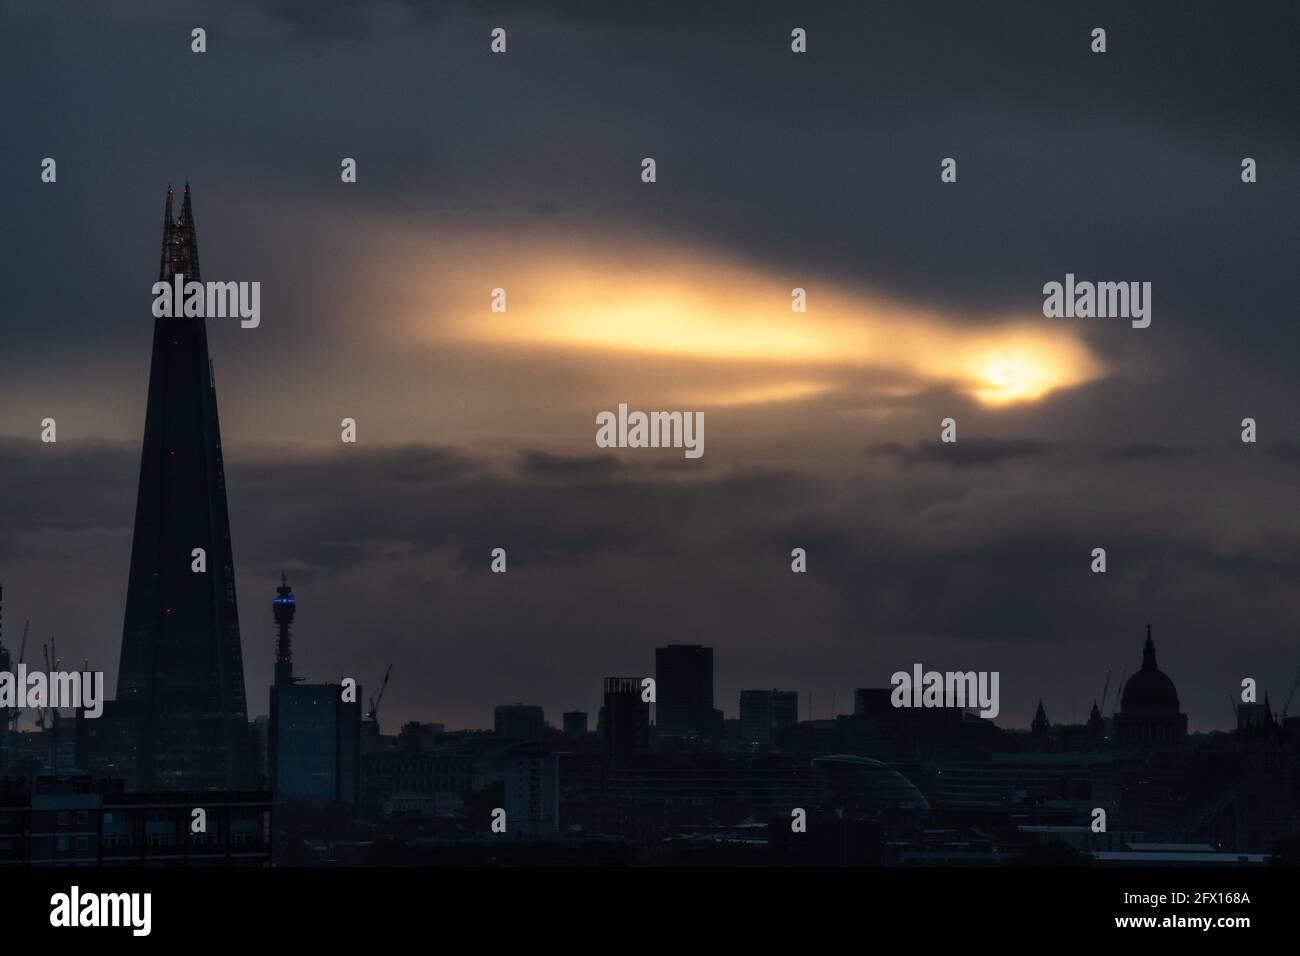 Londres, Royaume-Uni. 24 mai 2021. Météo au Royaume-Uni : une pause dans les nuages permet à la lumière du soleil de la dernière soirée d'éclater au-dessus de la ville avec le gratte-ciel de Shard et les monuments de la cathédrale Saint-Paul en vue. Credit: Guy Corbishley/Alamy Live News Banque D'Images